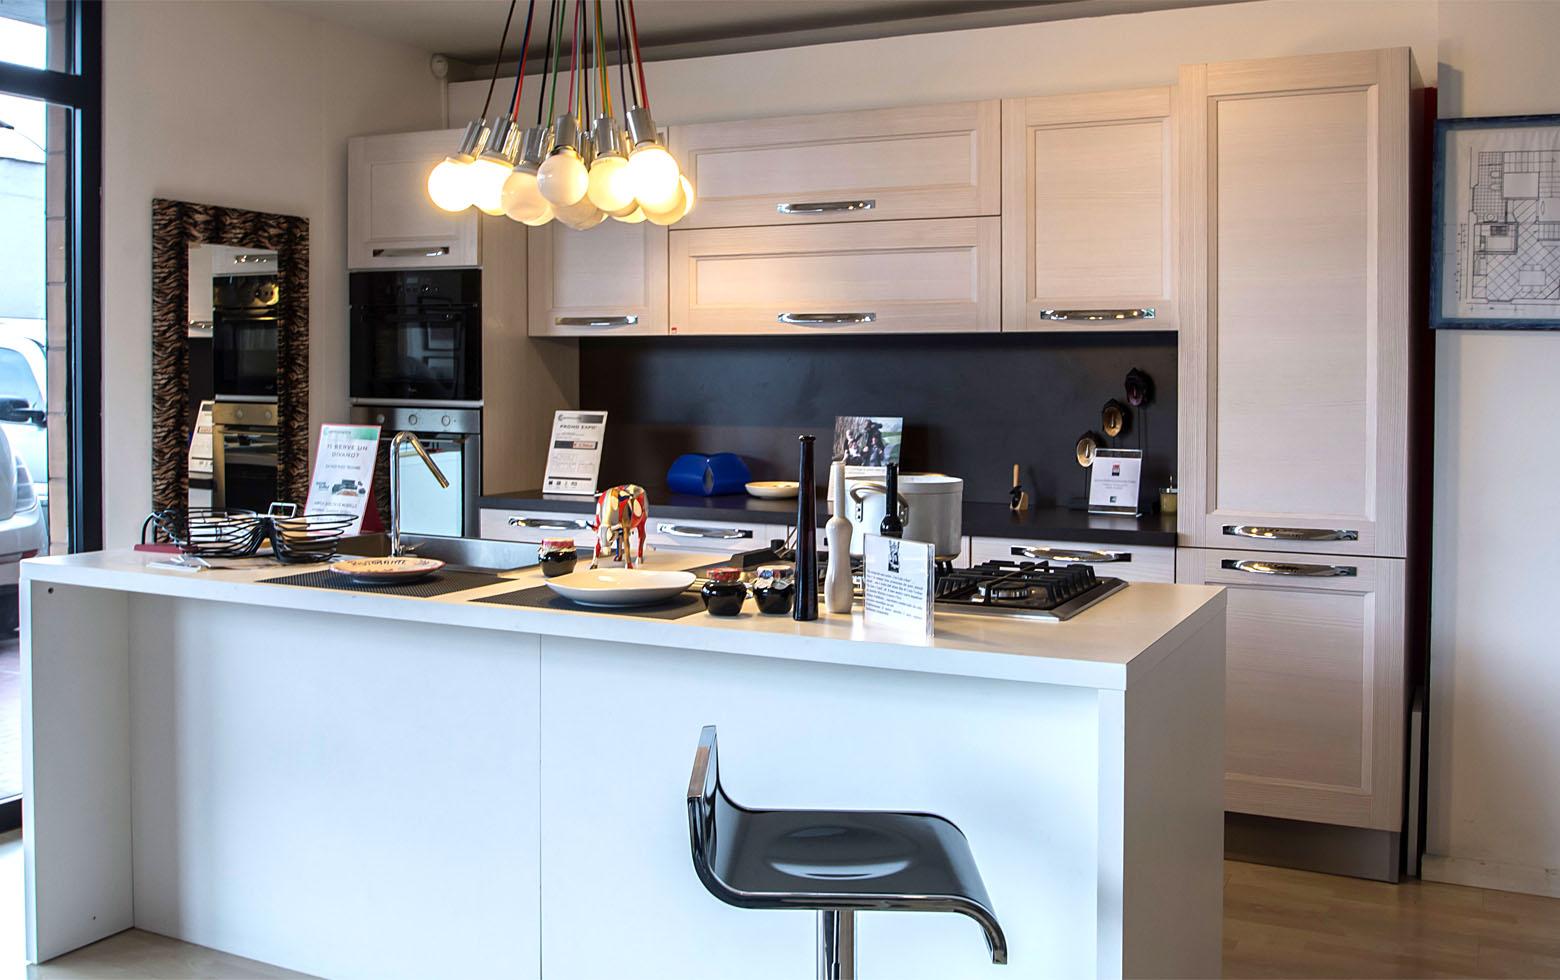 Cucina Angolare 5 Metri offerta speciale cucine lube | centro cucina